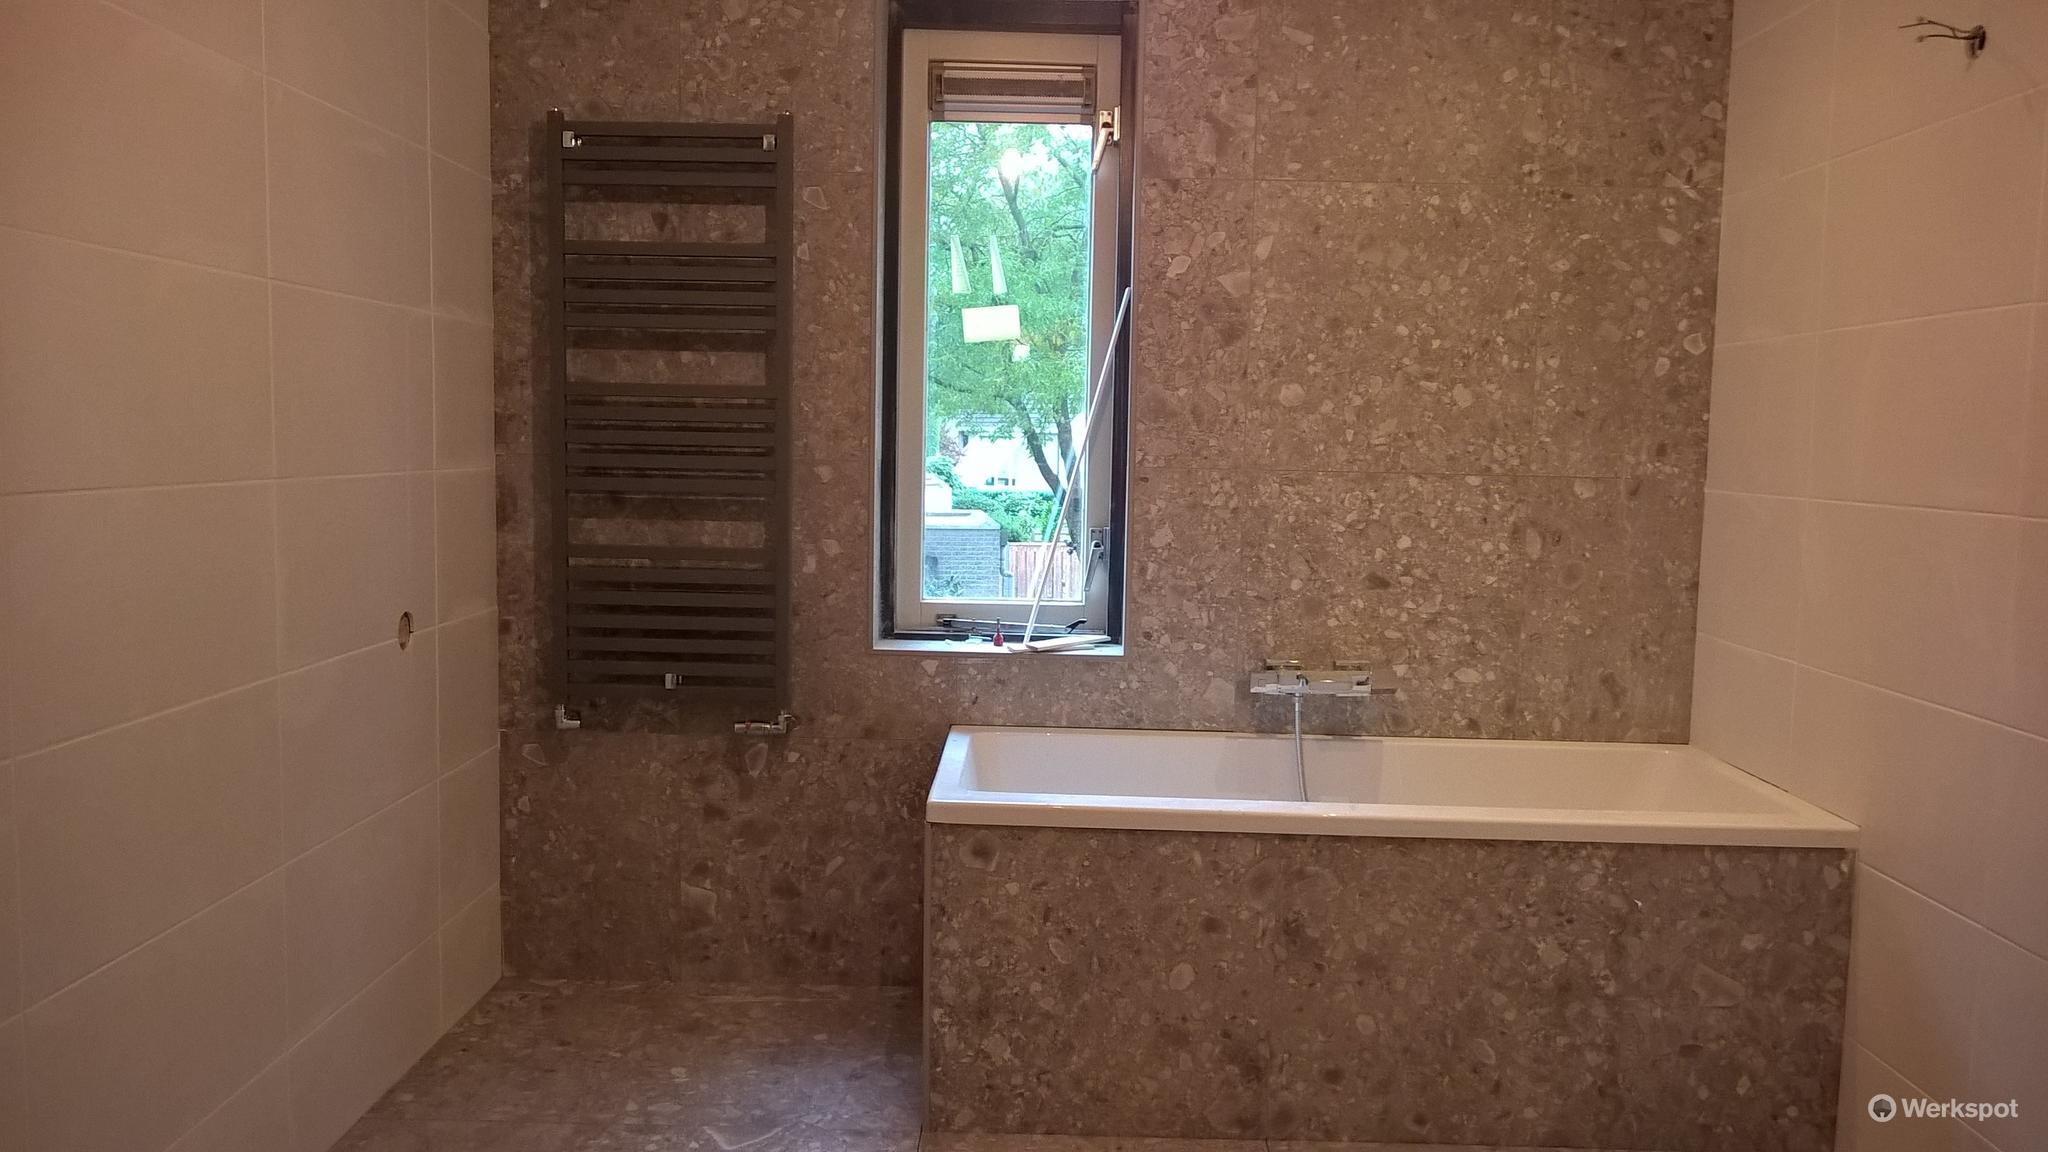 Nieuwe Badkamer Plaatsen : Plaatsen nieuwe badkamer werkspot